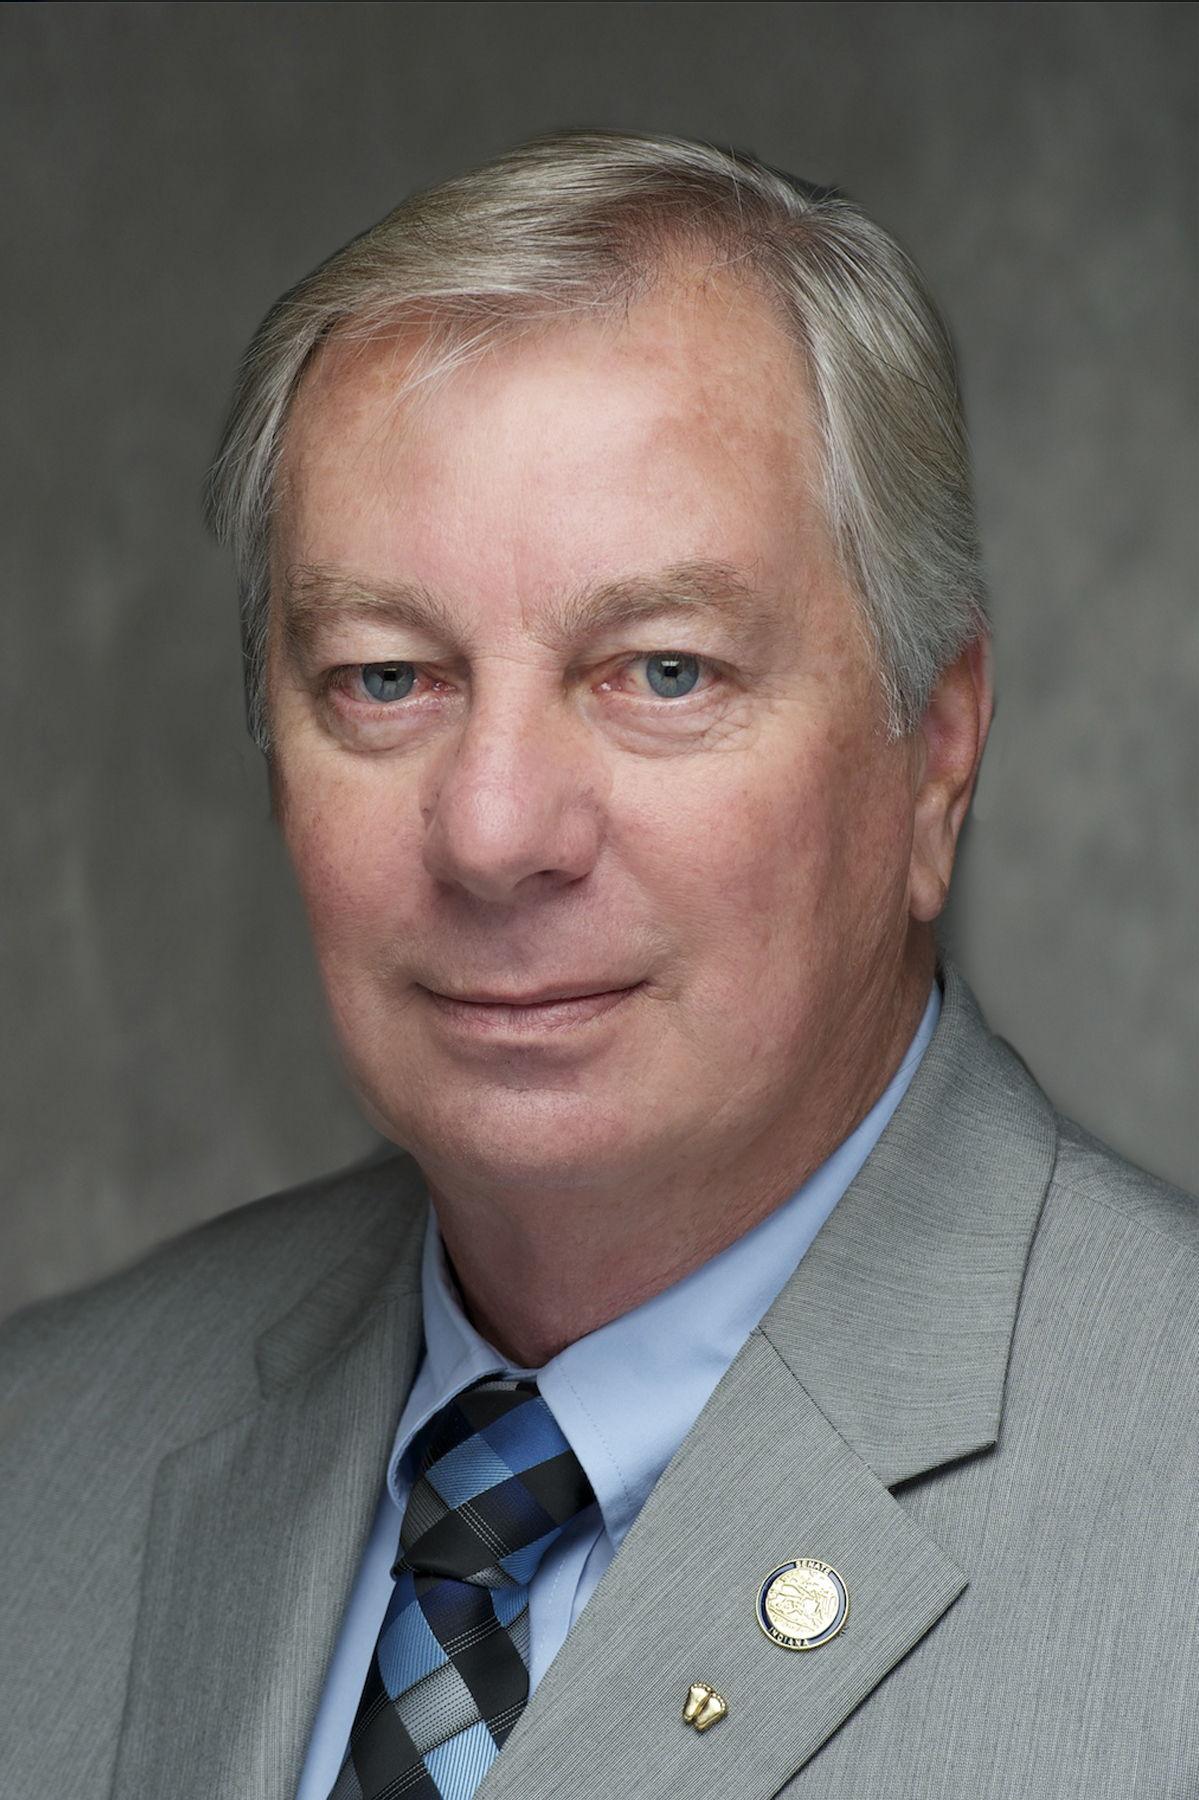 Jim Tomes